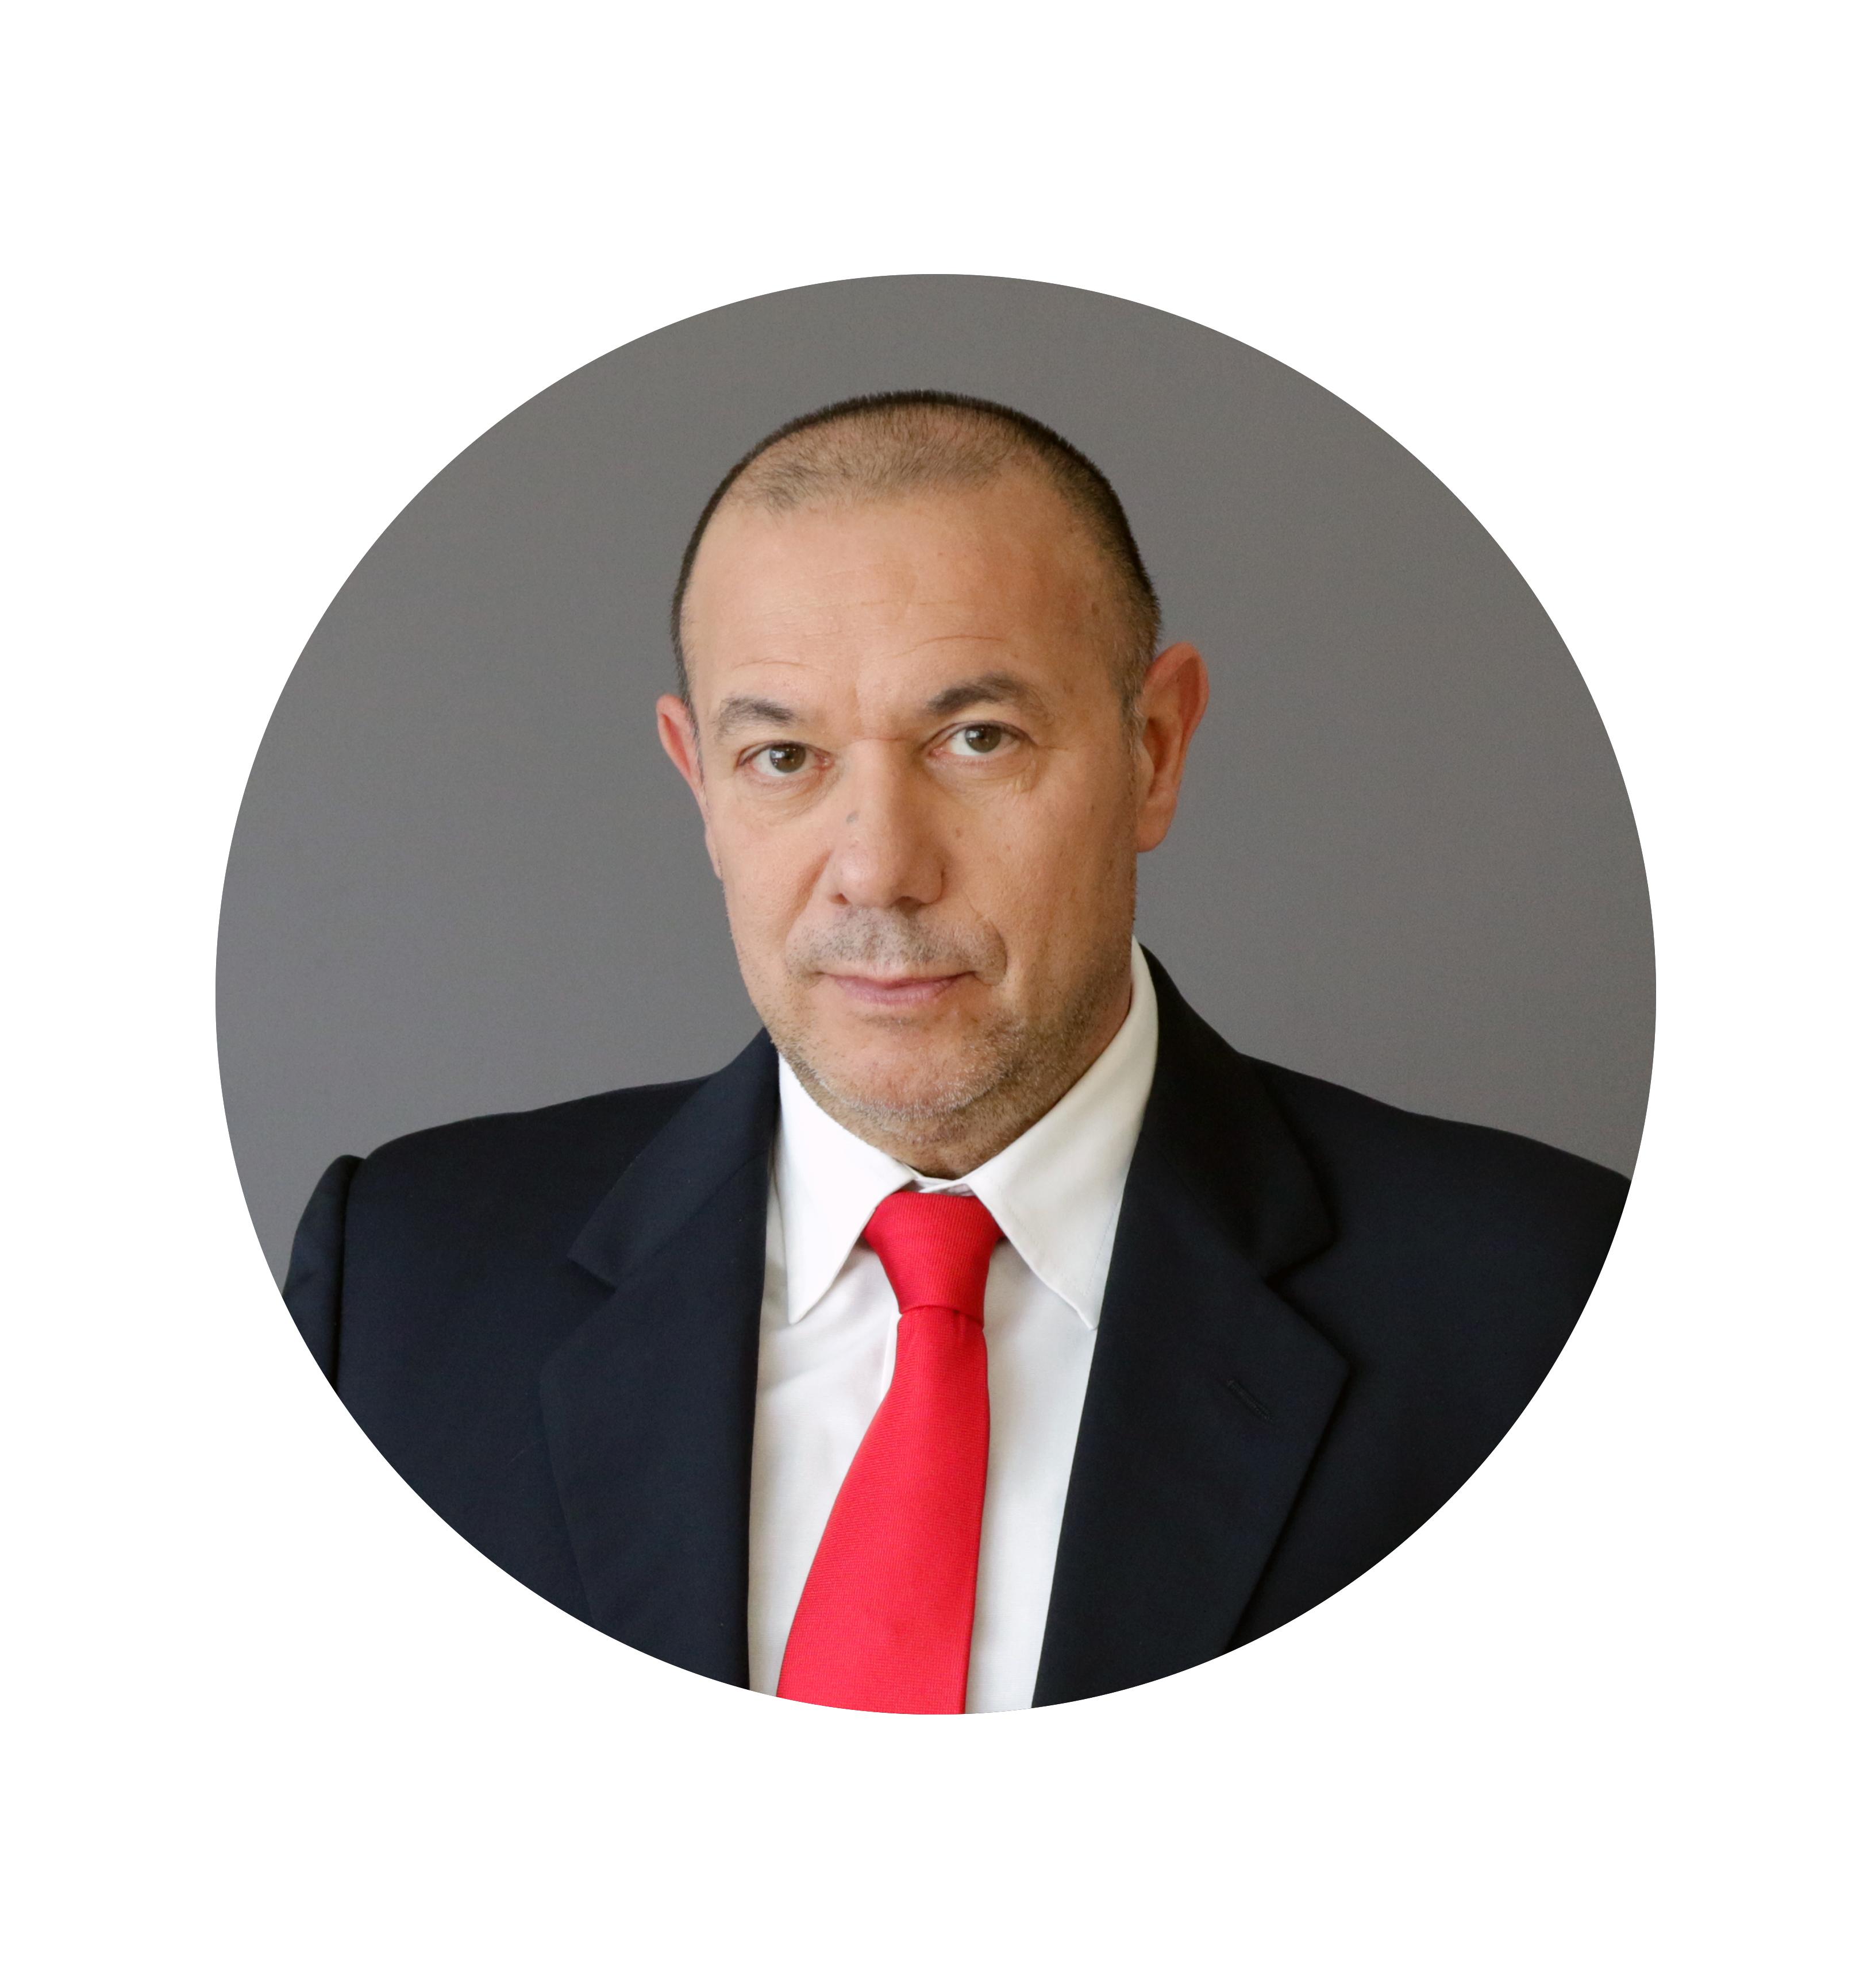 Maurizio Giantomassi